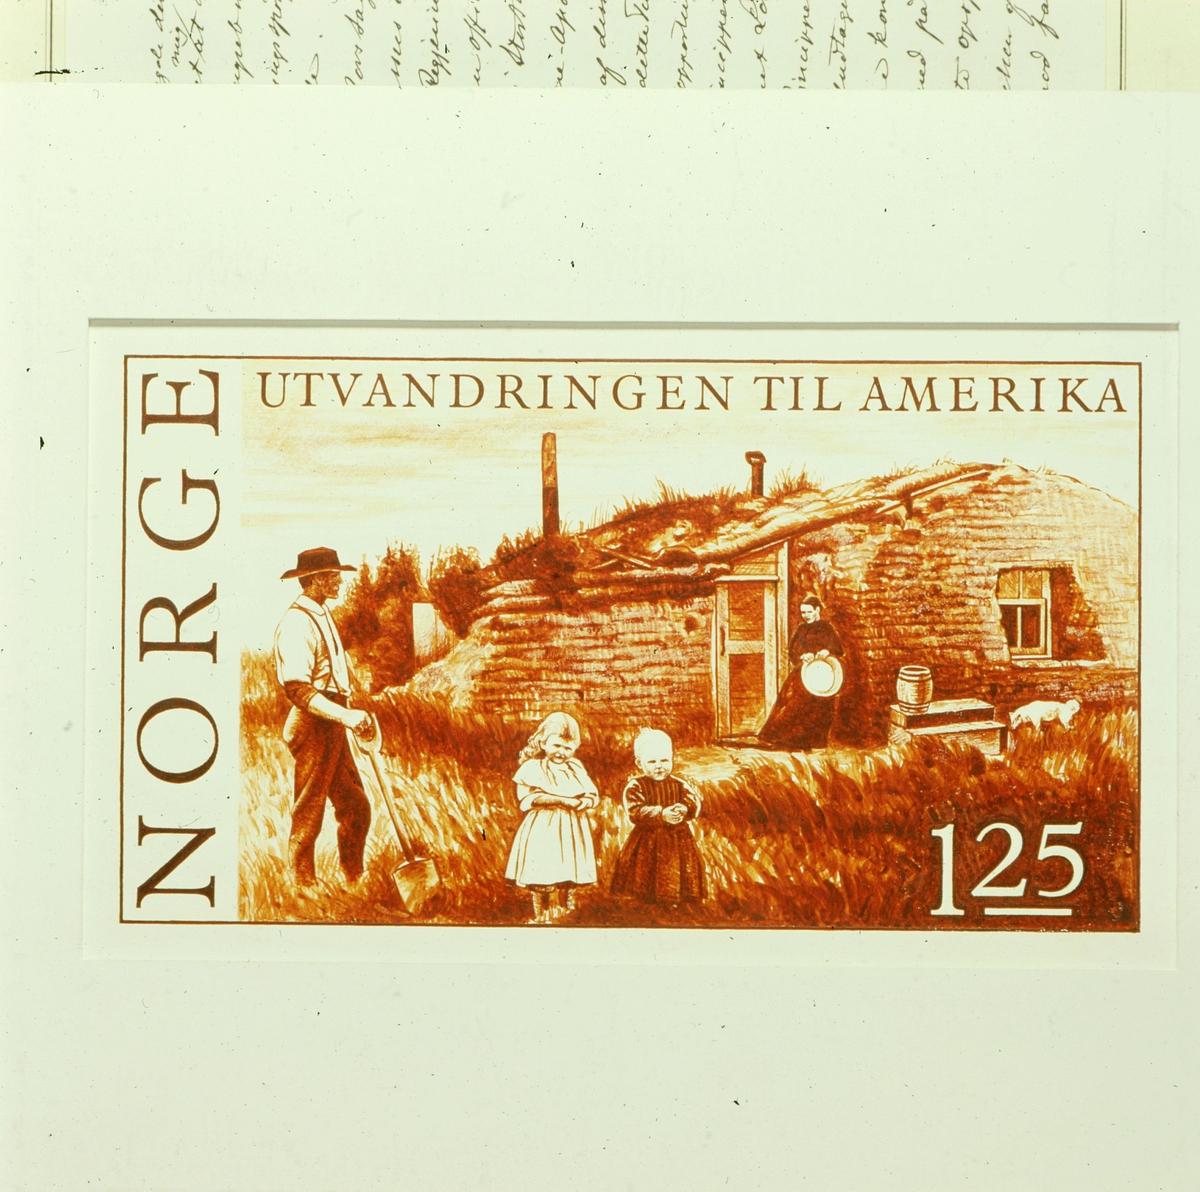 postmuseet, Kirkegata 20, frimerker, NK 755, 150-årsminnet for utvandringen til Amerika, nybyggerfamilie